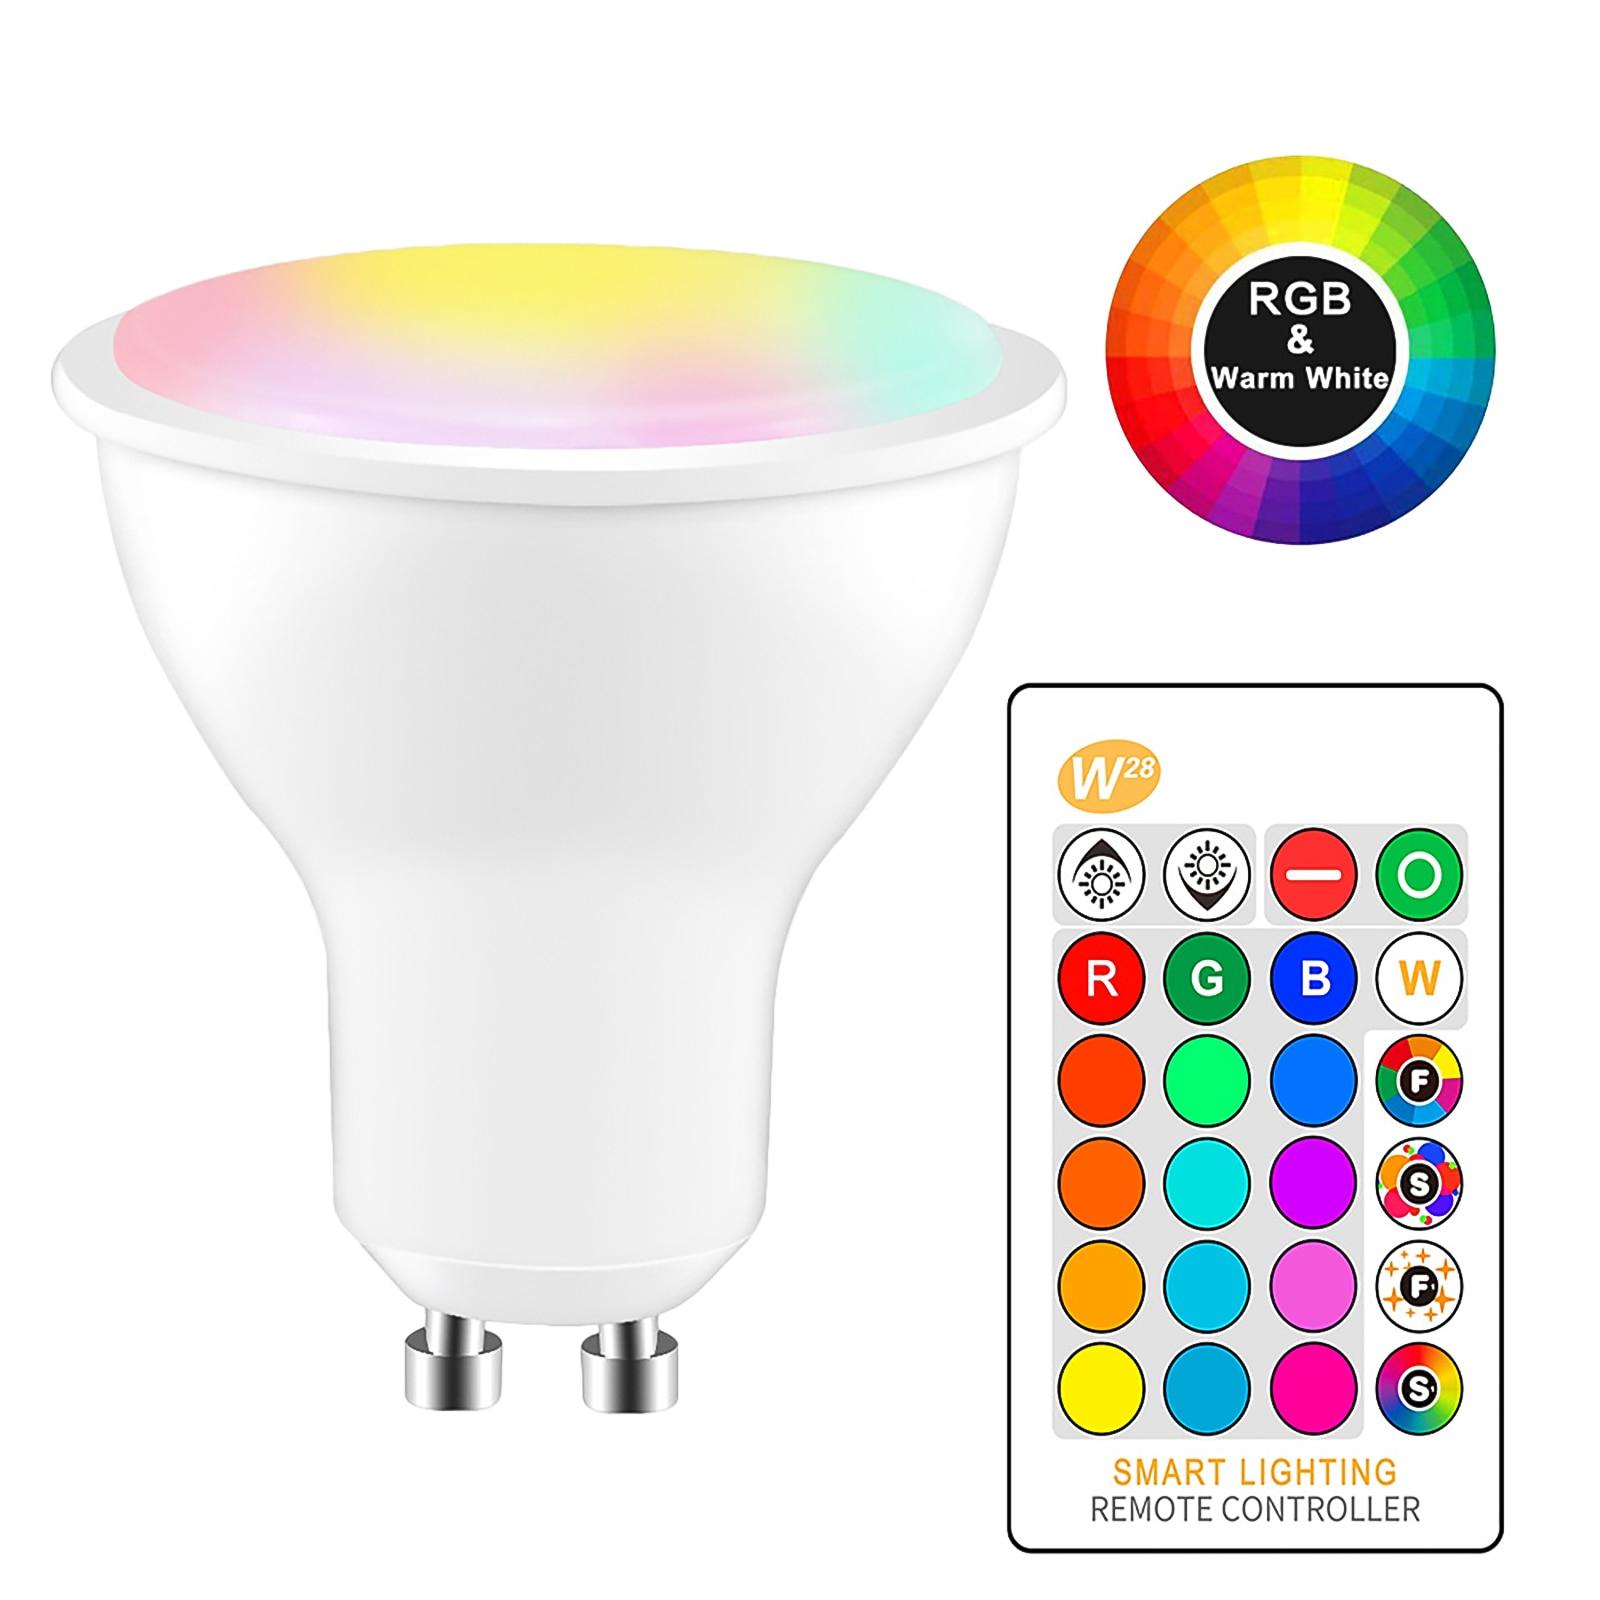 8 Вт светодиодной лампочкой с регулируемой яркостью GU10 RGB + теплый белый Светодиодный прожектор умный светодиодный потолочный светильник ...